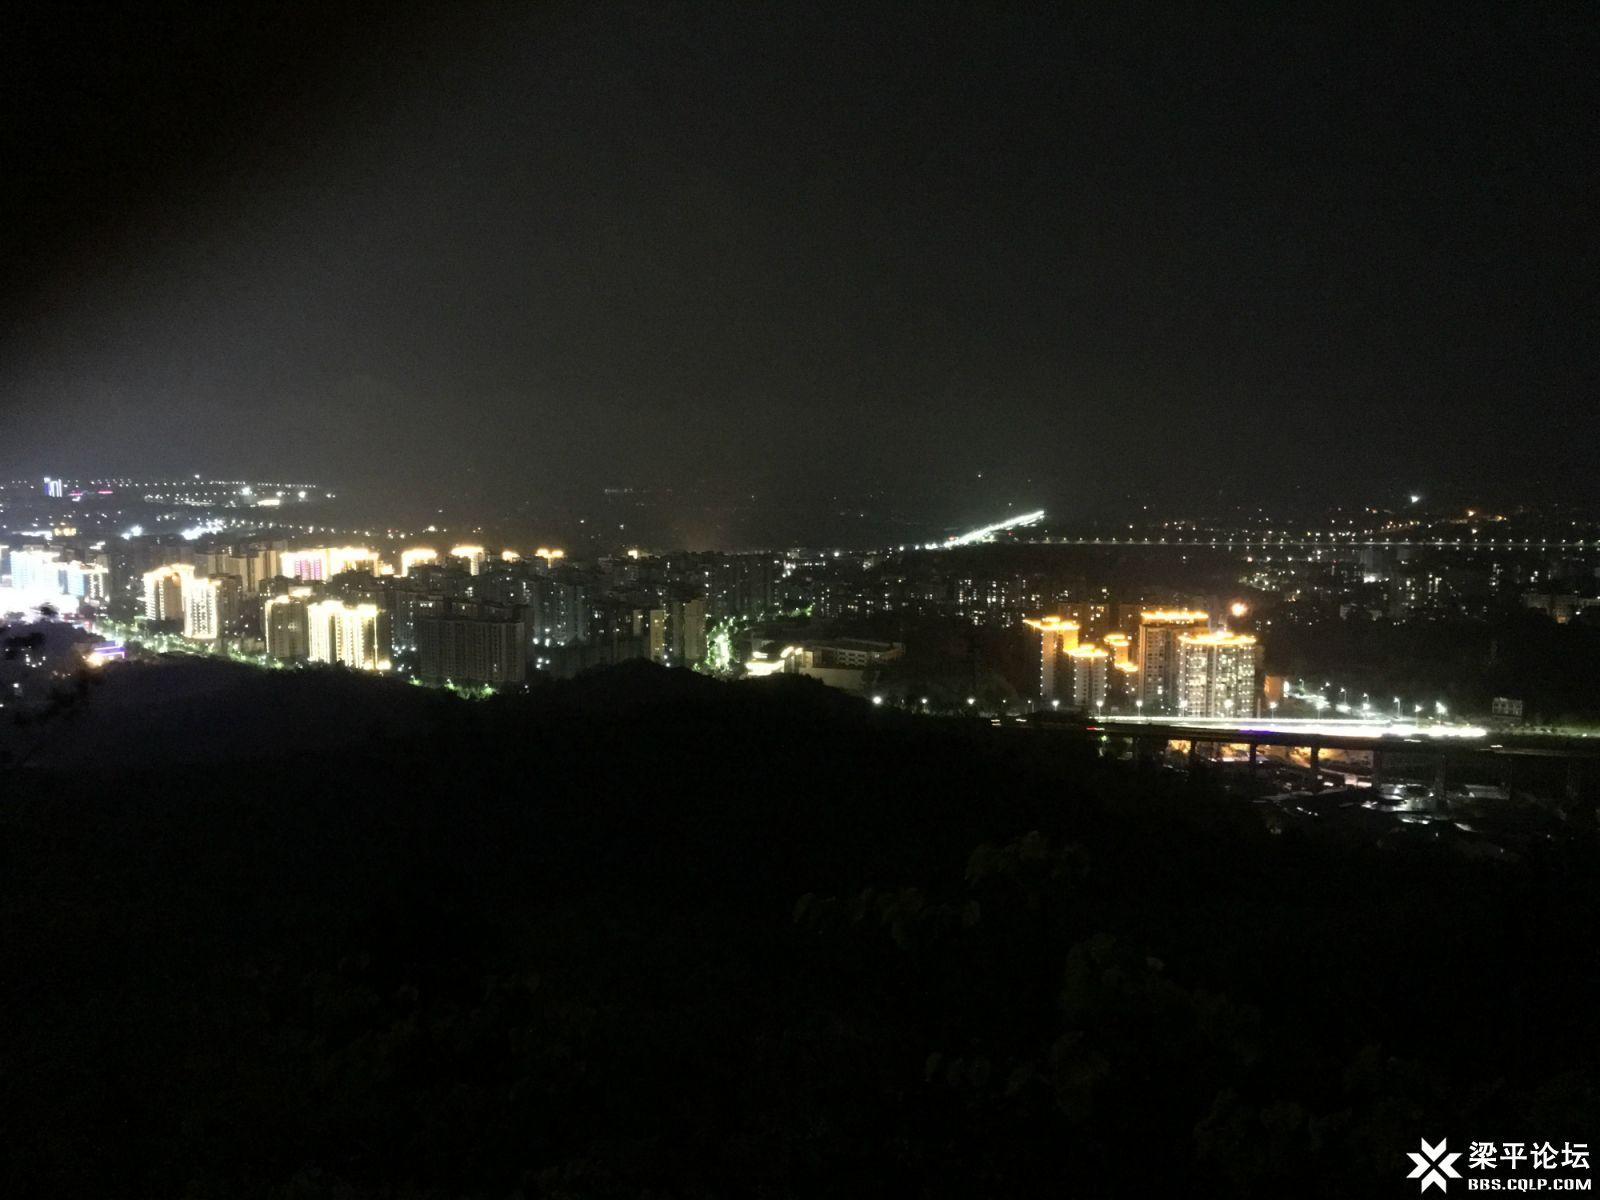 花园寨基站(点2)观梁平新城夜景3.jpg